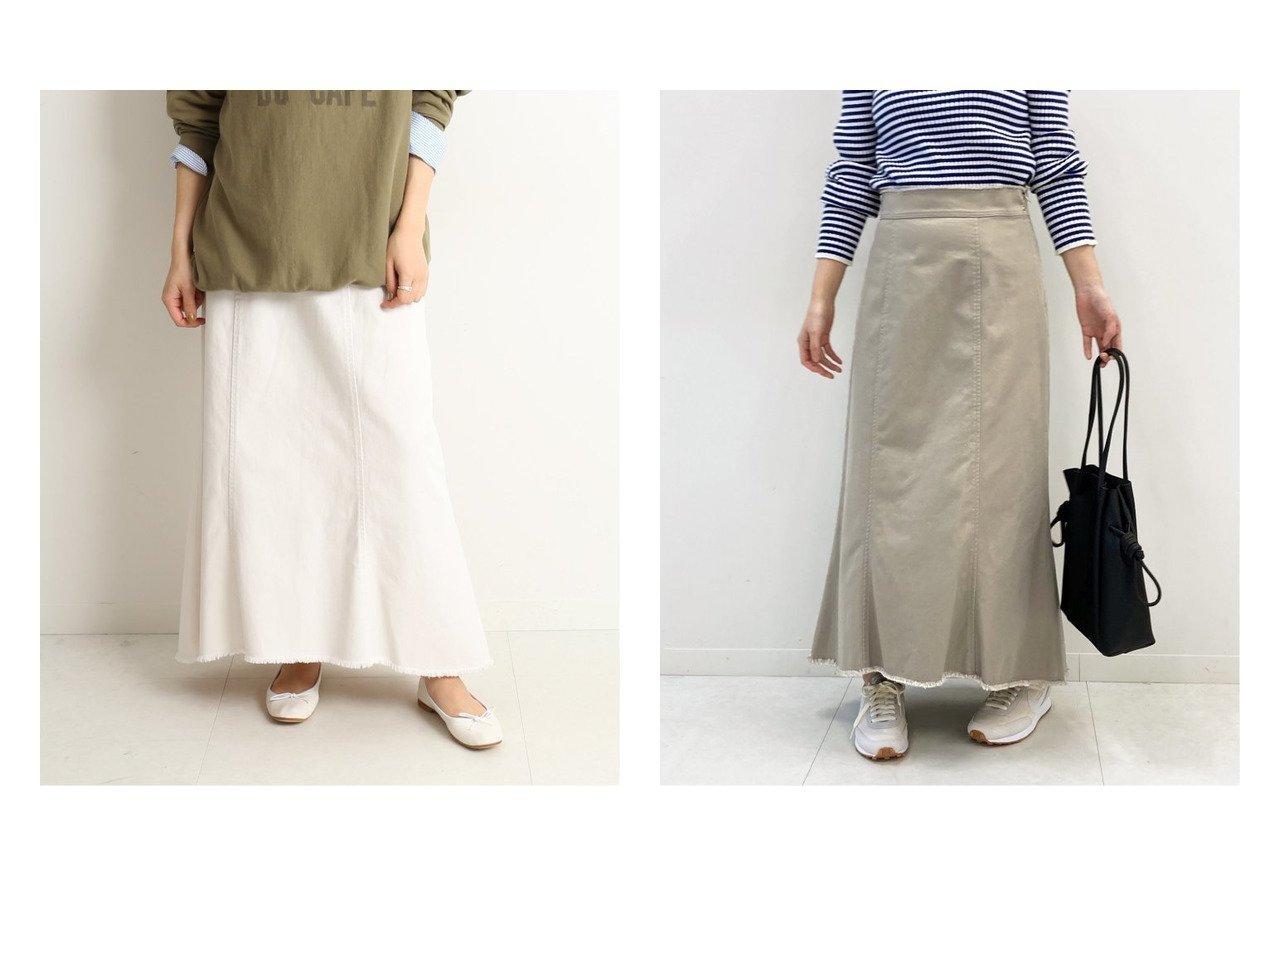 【SLOBE IENA/スローブ イエナ】のコットンチノ フレアスカート スカートのおすすめ!人気、トレンド・レディースファッションの通販 おすすめで人気の流行・トレンド、ファッションの通販商品 メンズファッション・キッズファッション・インテリア・家具・レディースファッション・服の通販 founy(ファニー) https://founy.com/ ファッション Fashion レディースファッション WOMEN スカート Skirt Aライン/フレアスカート Flared A-Line Skirts NEW・新作・新着・新入荷 New Arrivals 2021年 2021 2021 春夏 S/S SS Spring/Summer 2021 S/S 春夏 SS Spring/Summer フリンジ フレア |ID:crp329100000023884